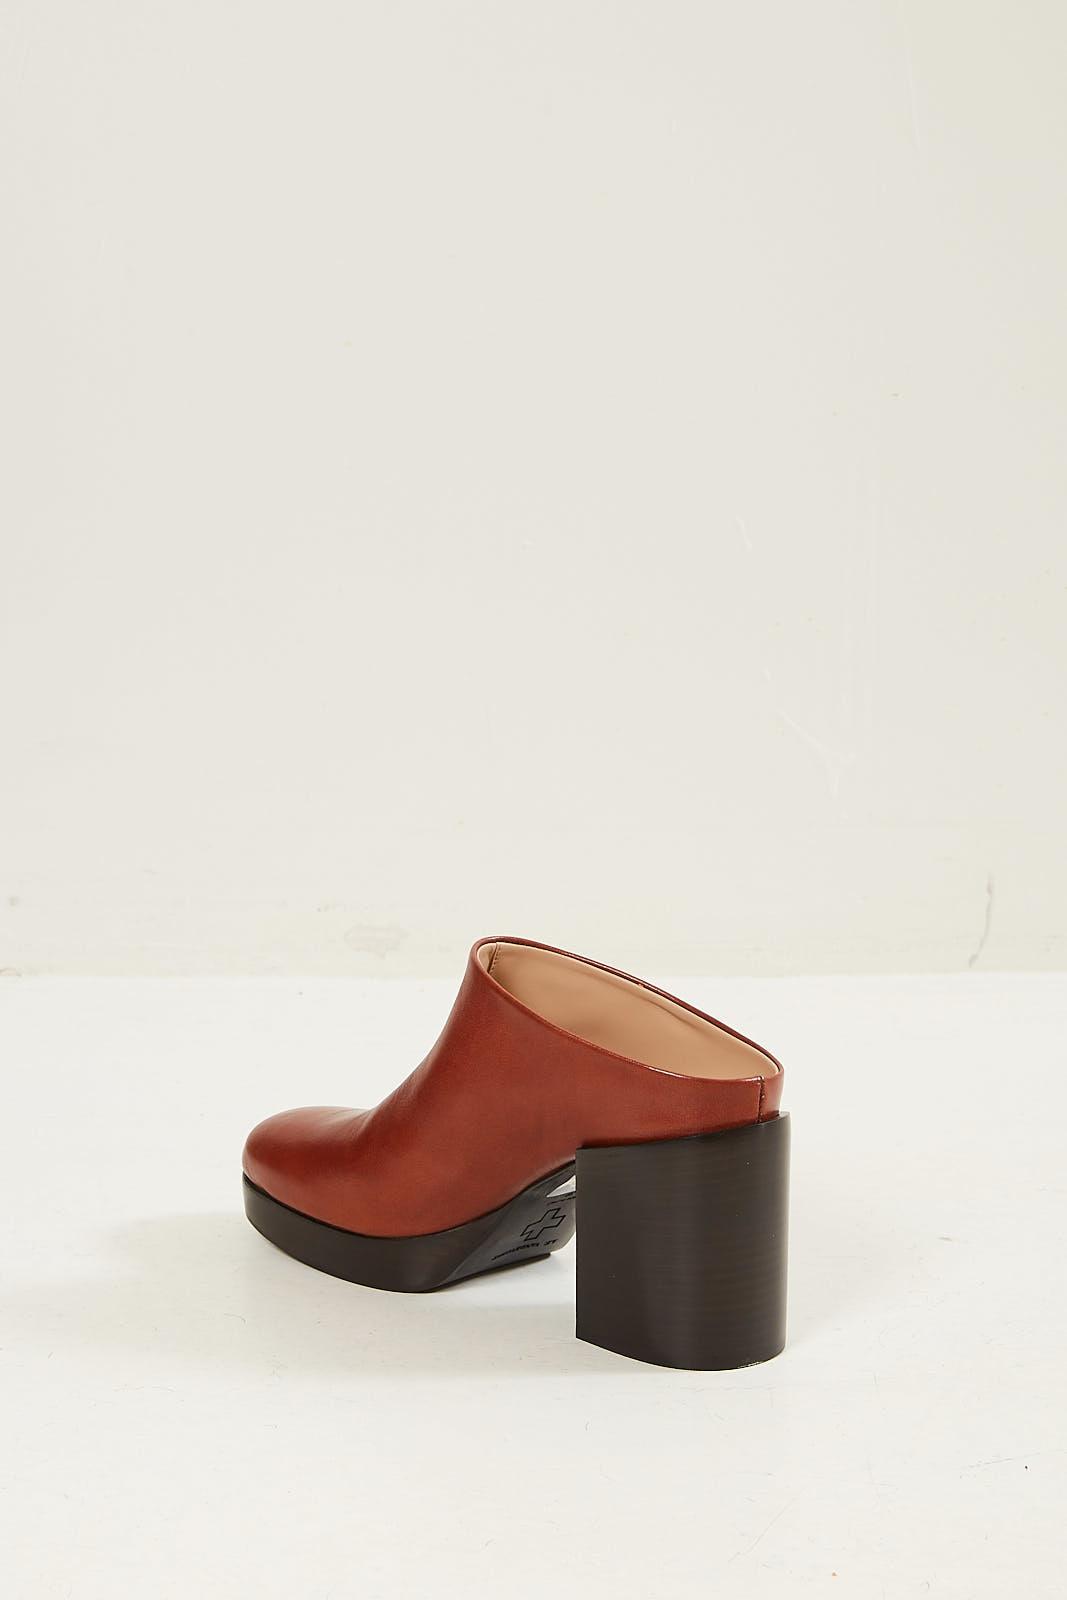 A.F. Vandevorst - Leather mule cognac